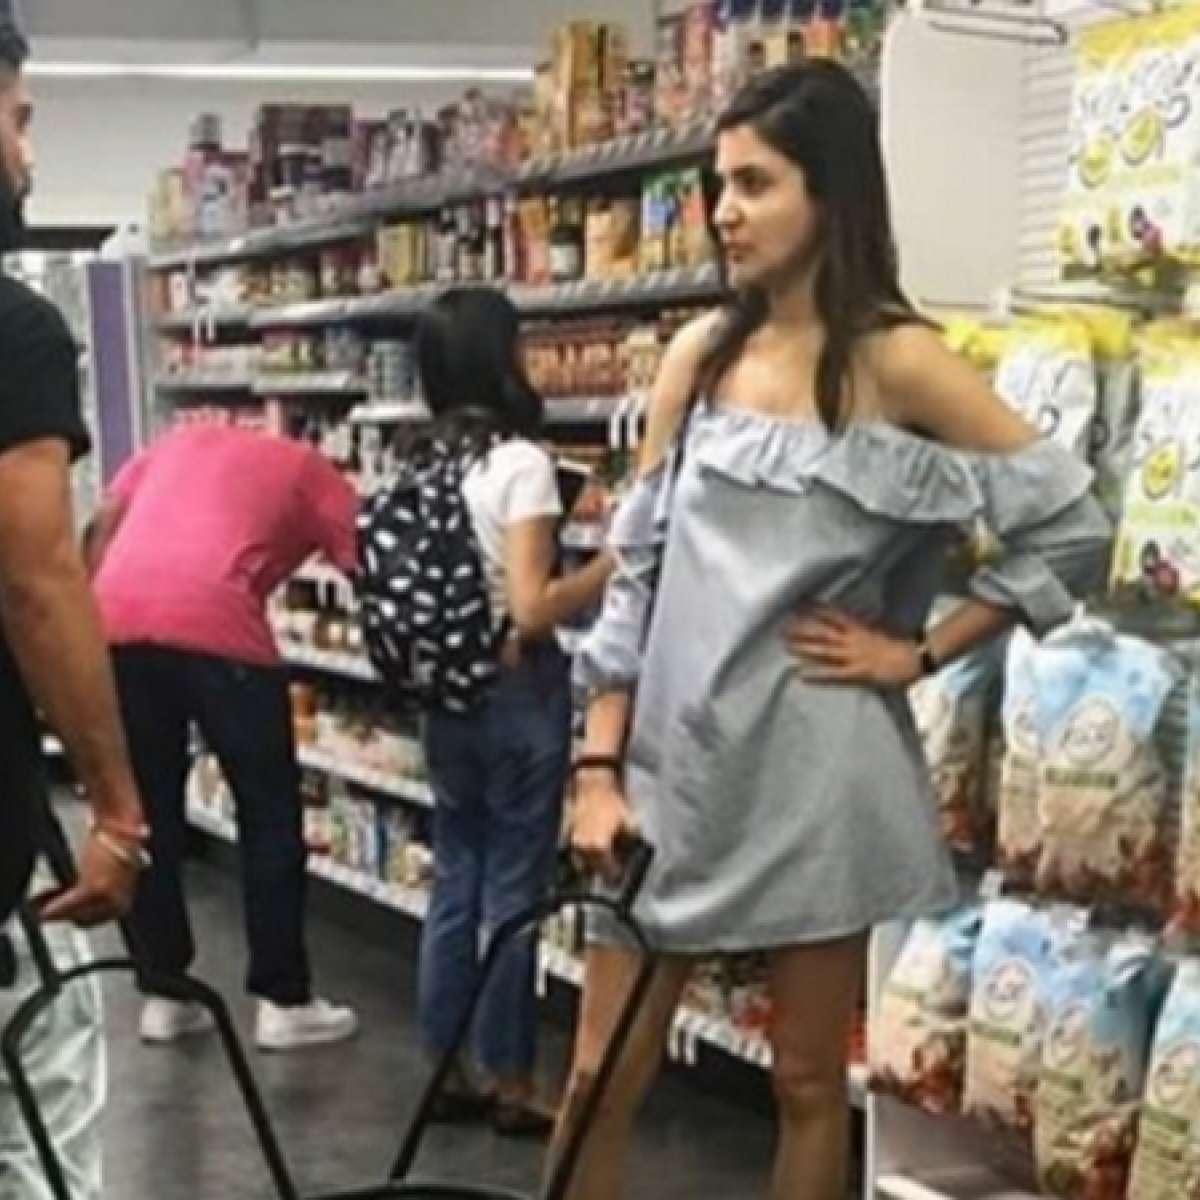 IN PICS: Virushka go for grocery shopping in New York